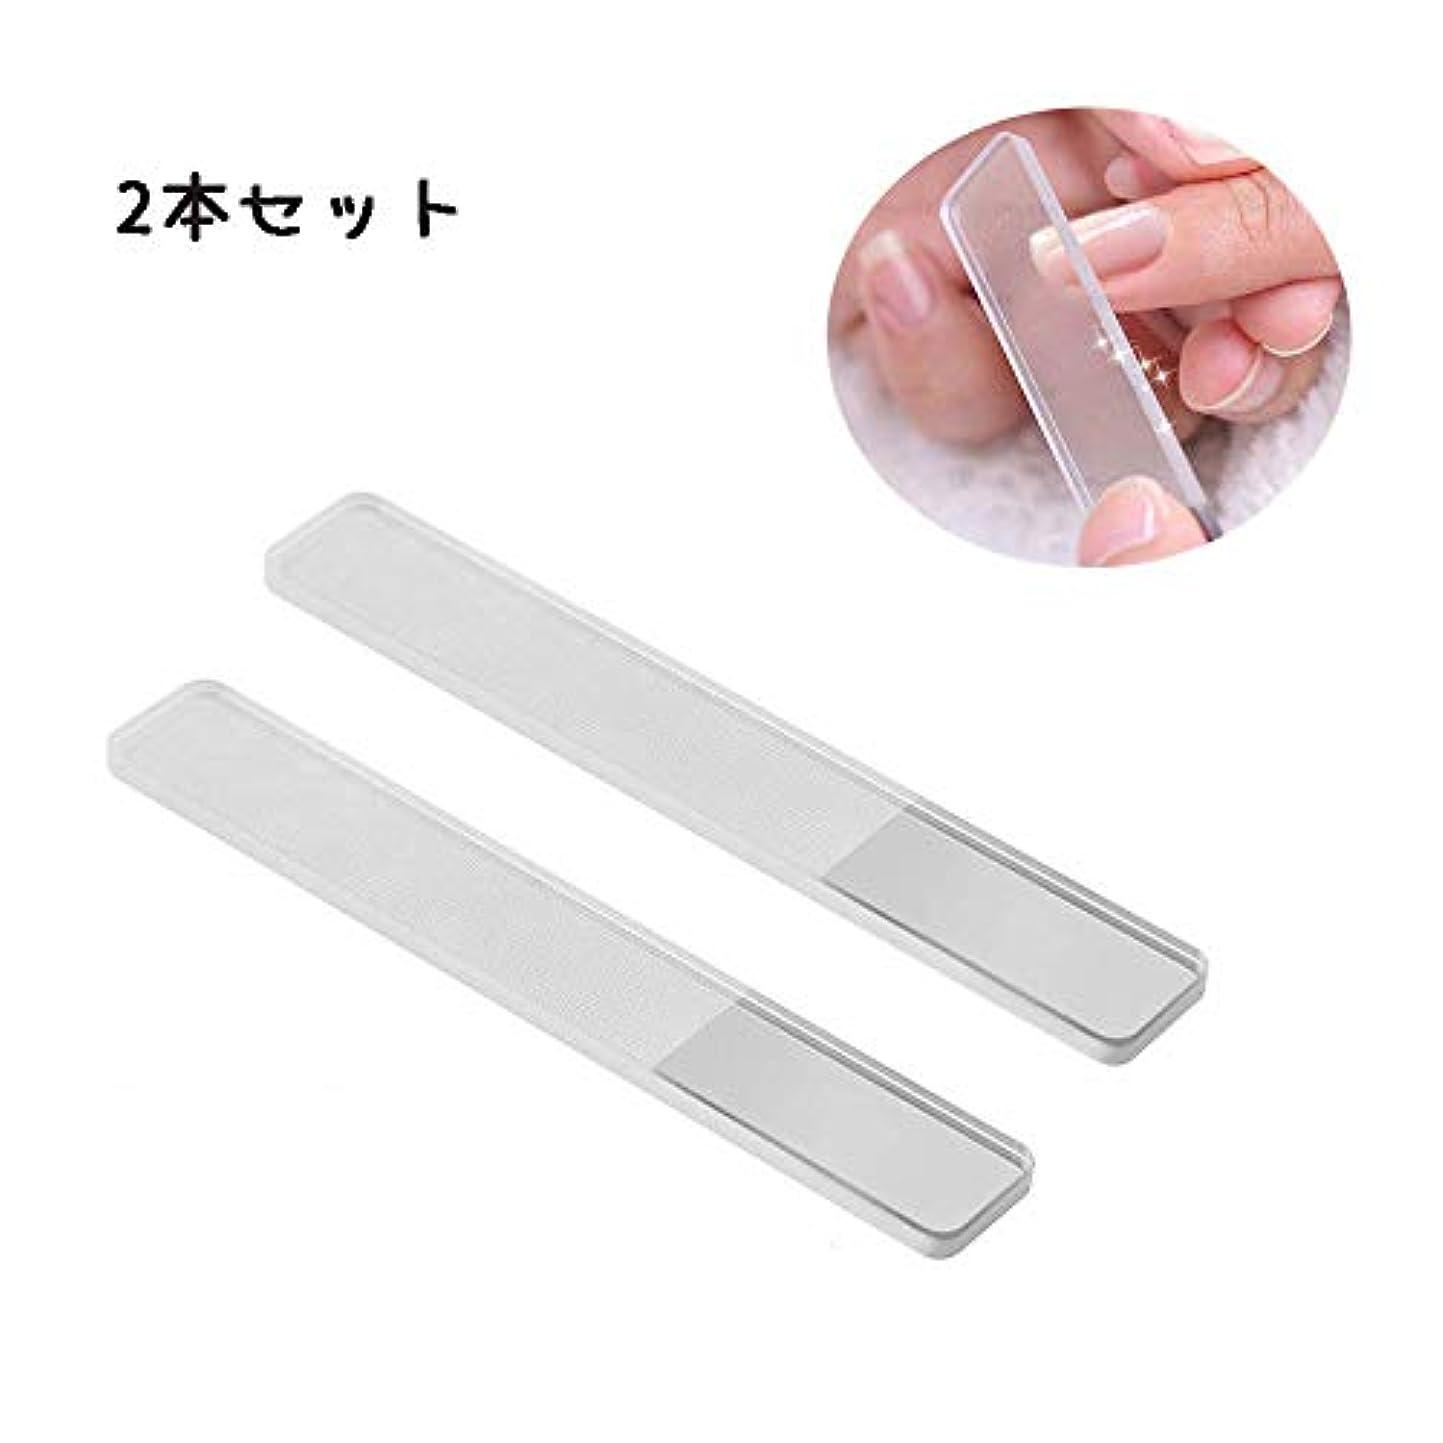 増幅するブロー首尾一貫した爪やすり ガラス 爪磨き ガラス製 ネイルシャイナー ピカピカ ネイルケア ナノ技術が生んだ全く新しい 甘皮処理 携帯便利 収納ケース付き 2本 セット (2pcs)